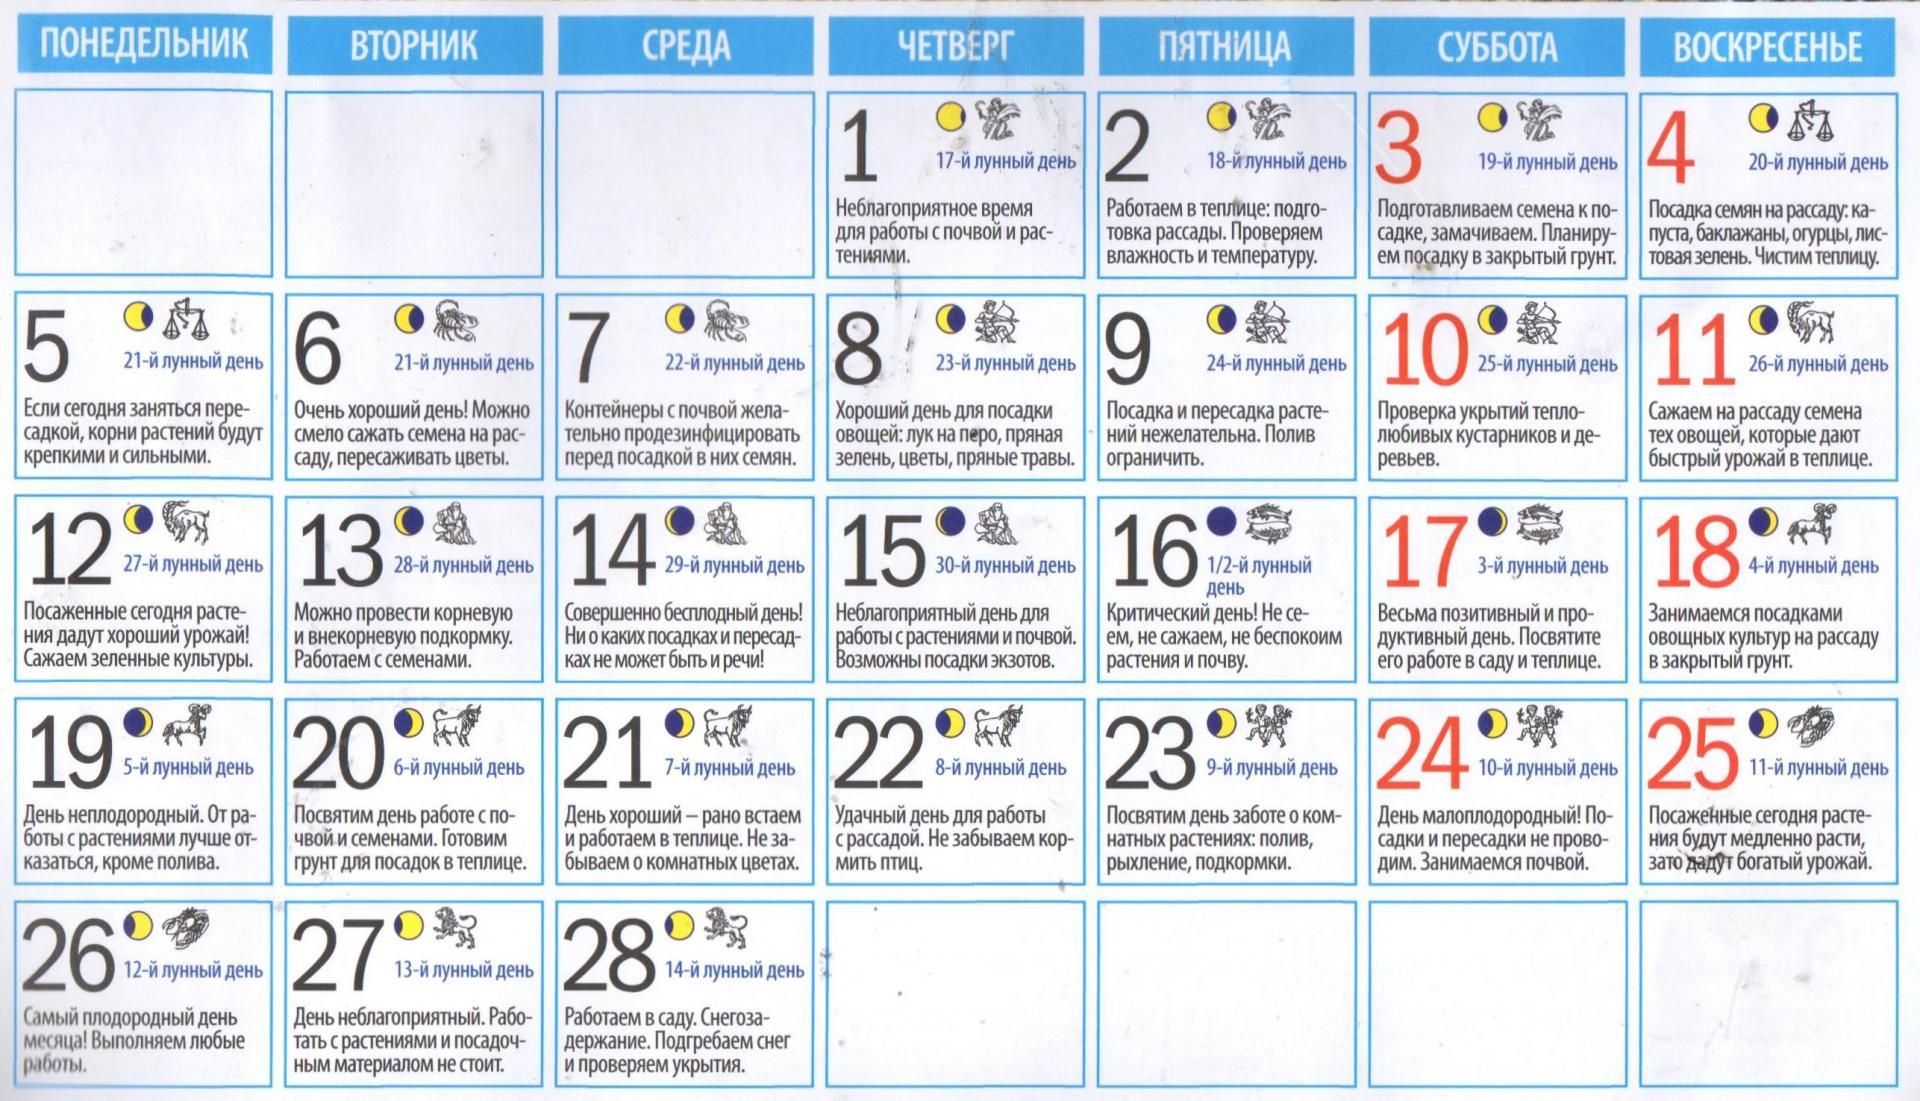 Благоприятные дни для посадки баклажан в 2020 году по лунному календарю